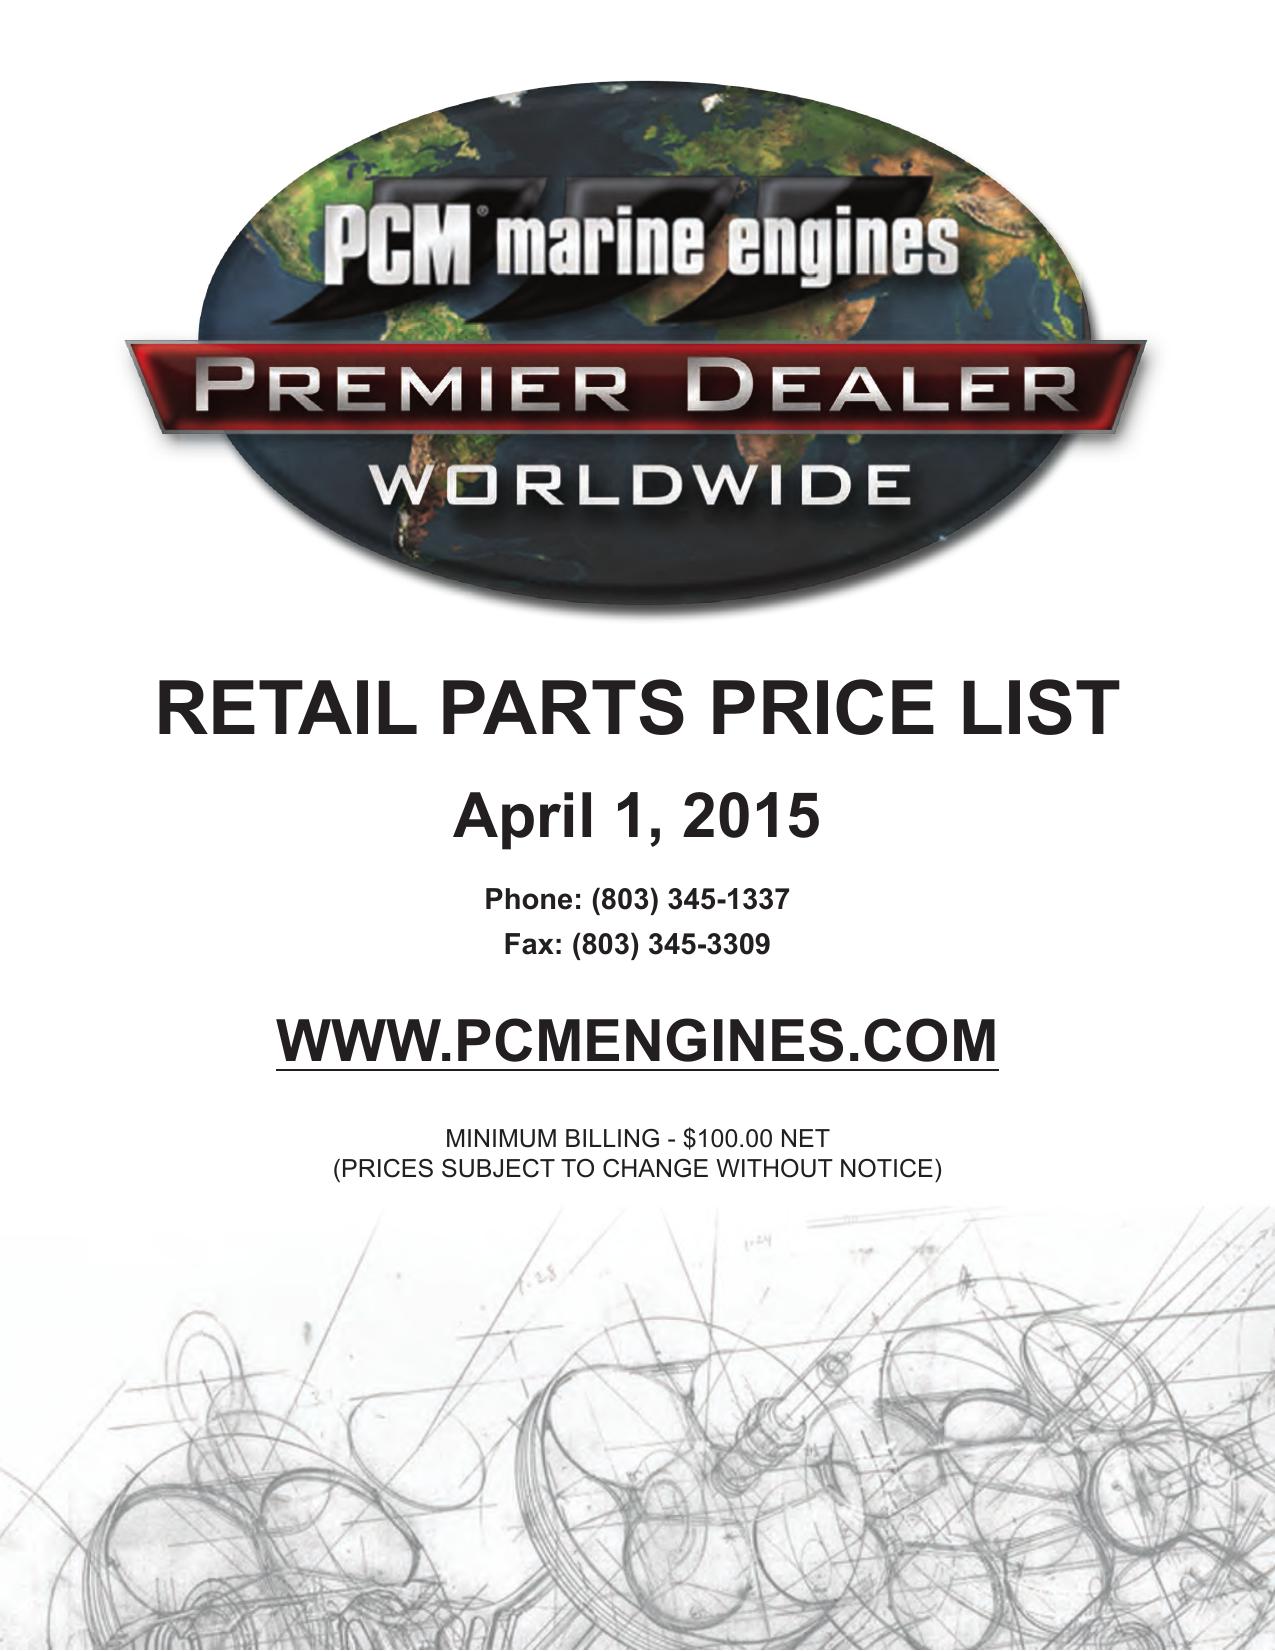 retail parts price list - PCM Engines | For Dealers | manualzz com